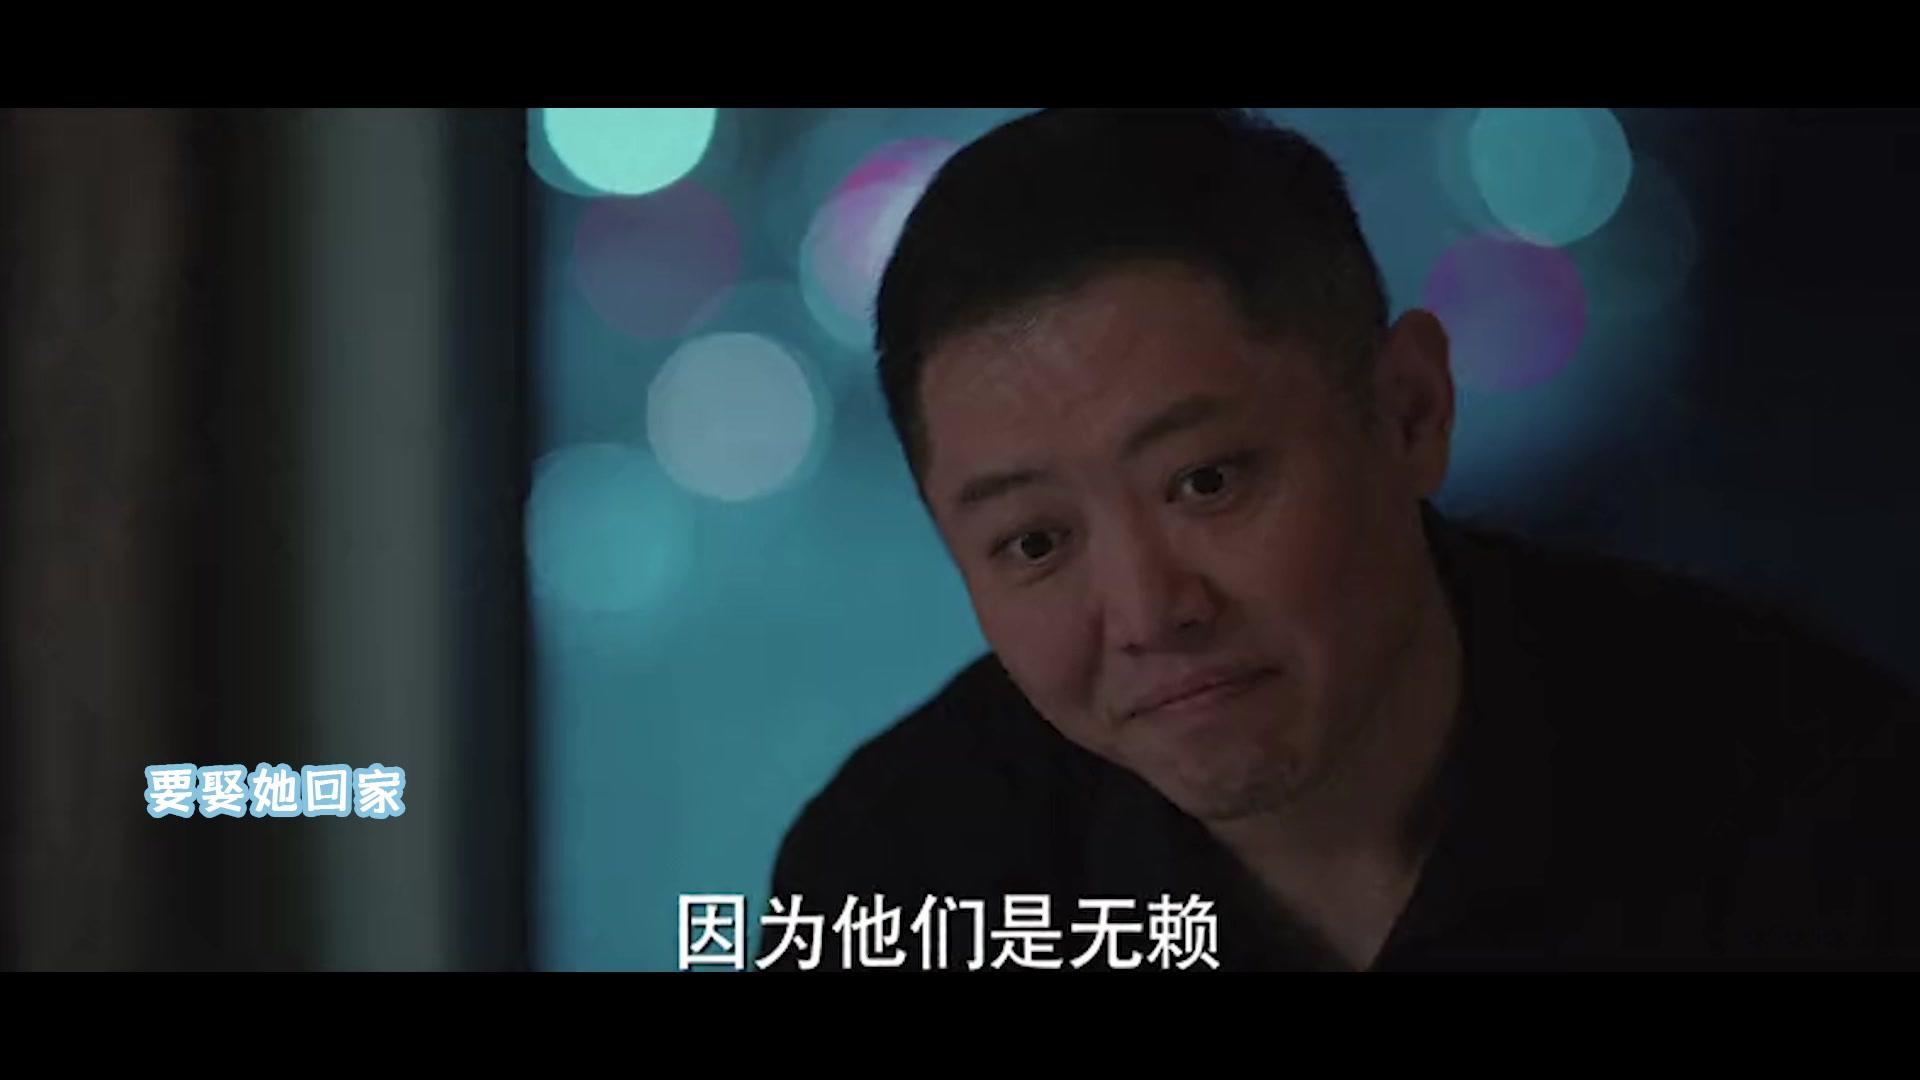 #追剧不能停#《三叉戟》董虎催泪下线!全世界最好的爸爸